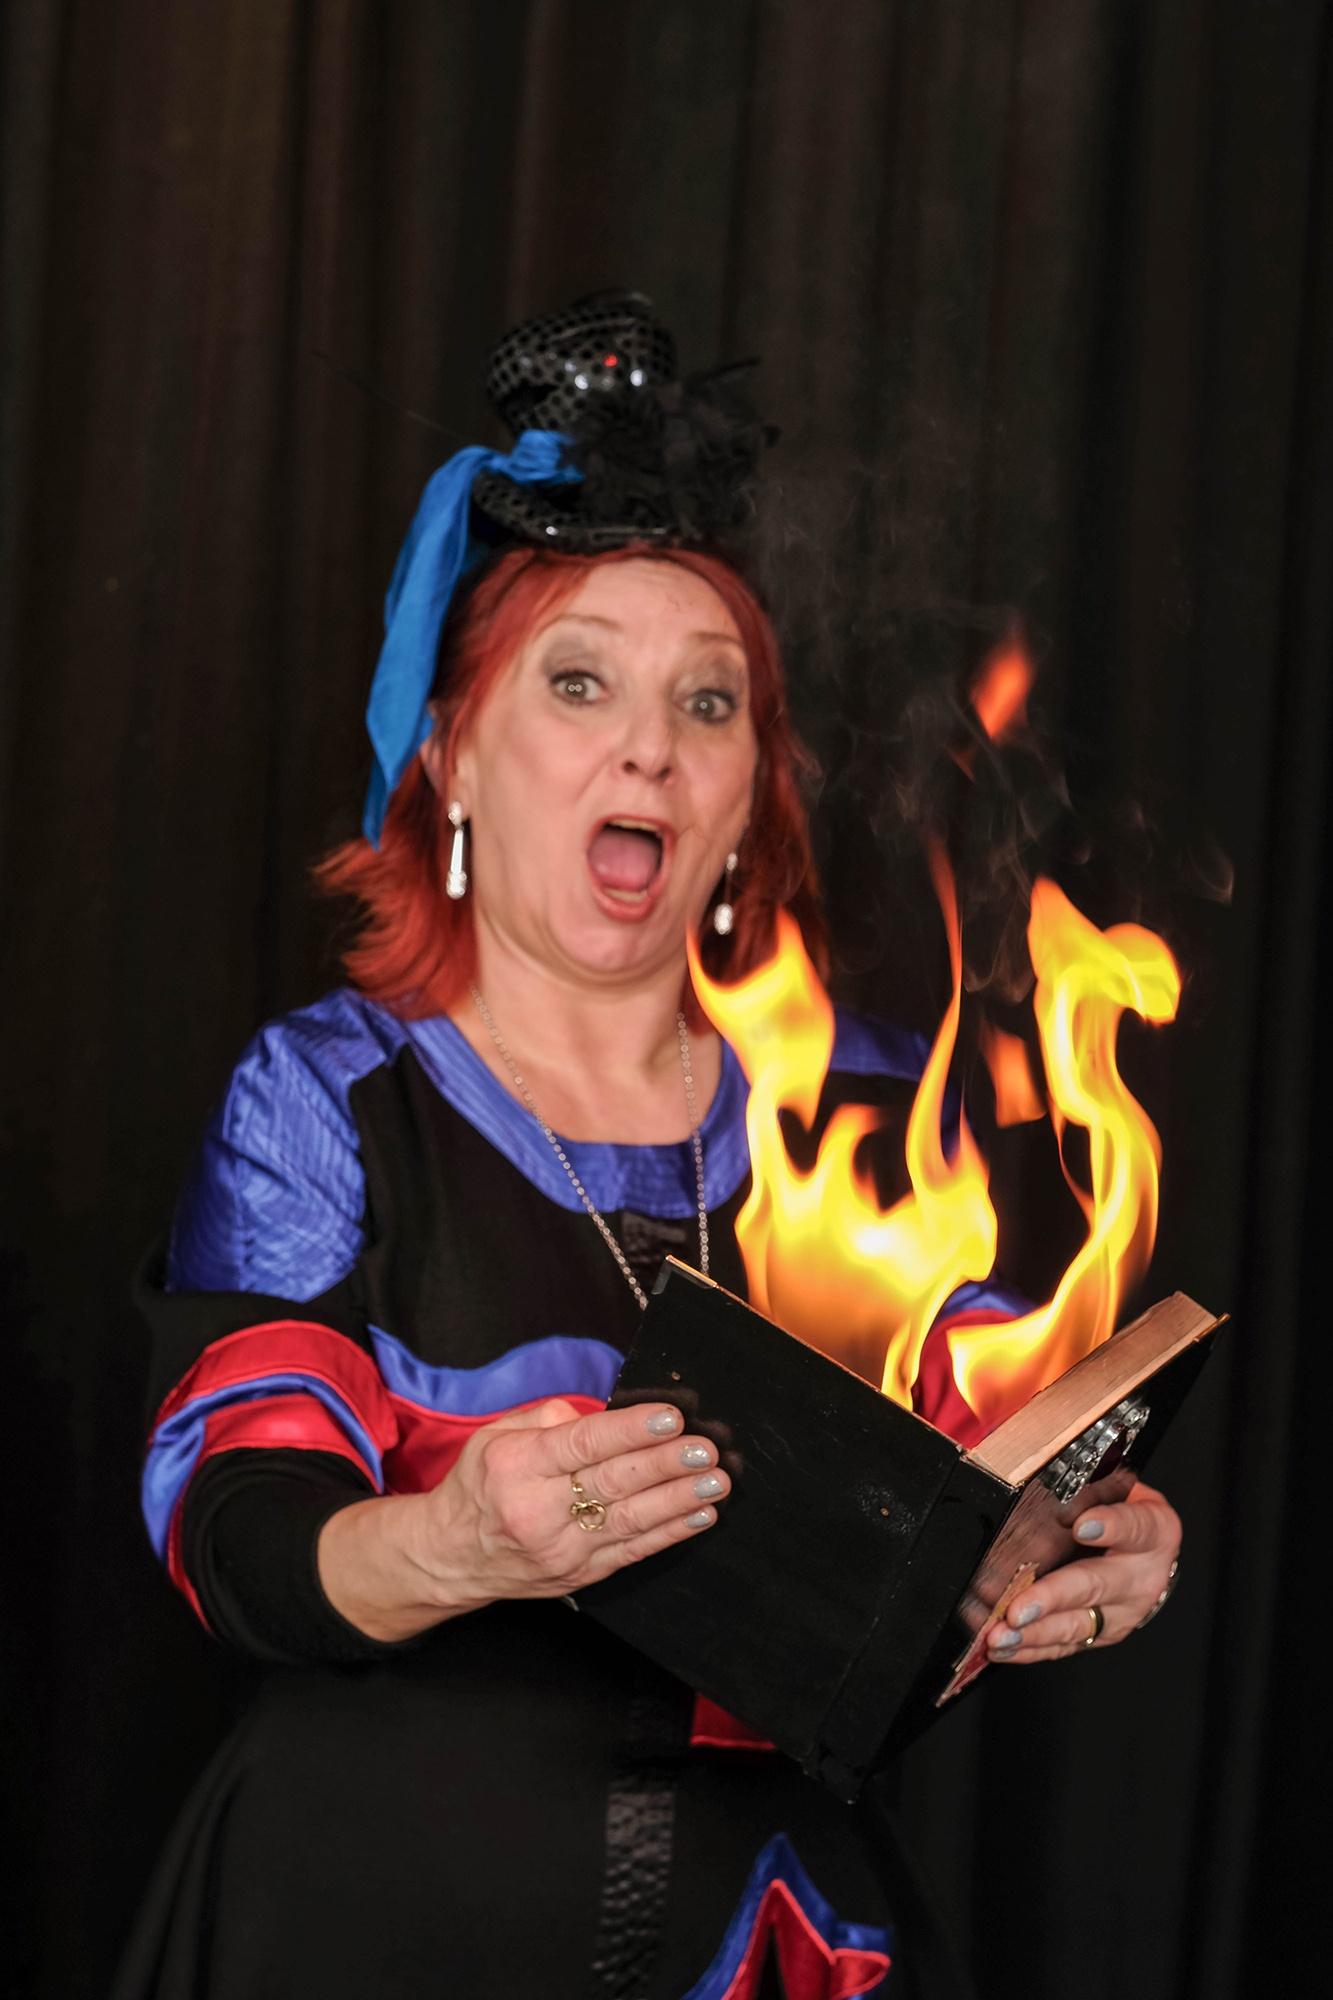 Zauberer verzaubern ihr Publikum als Walking Act oder als Zaubershow auf der Bühne